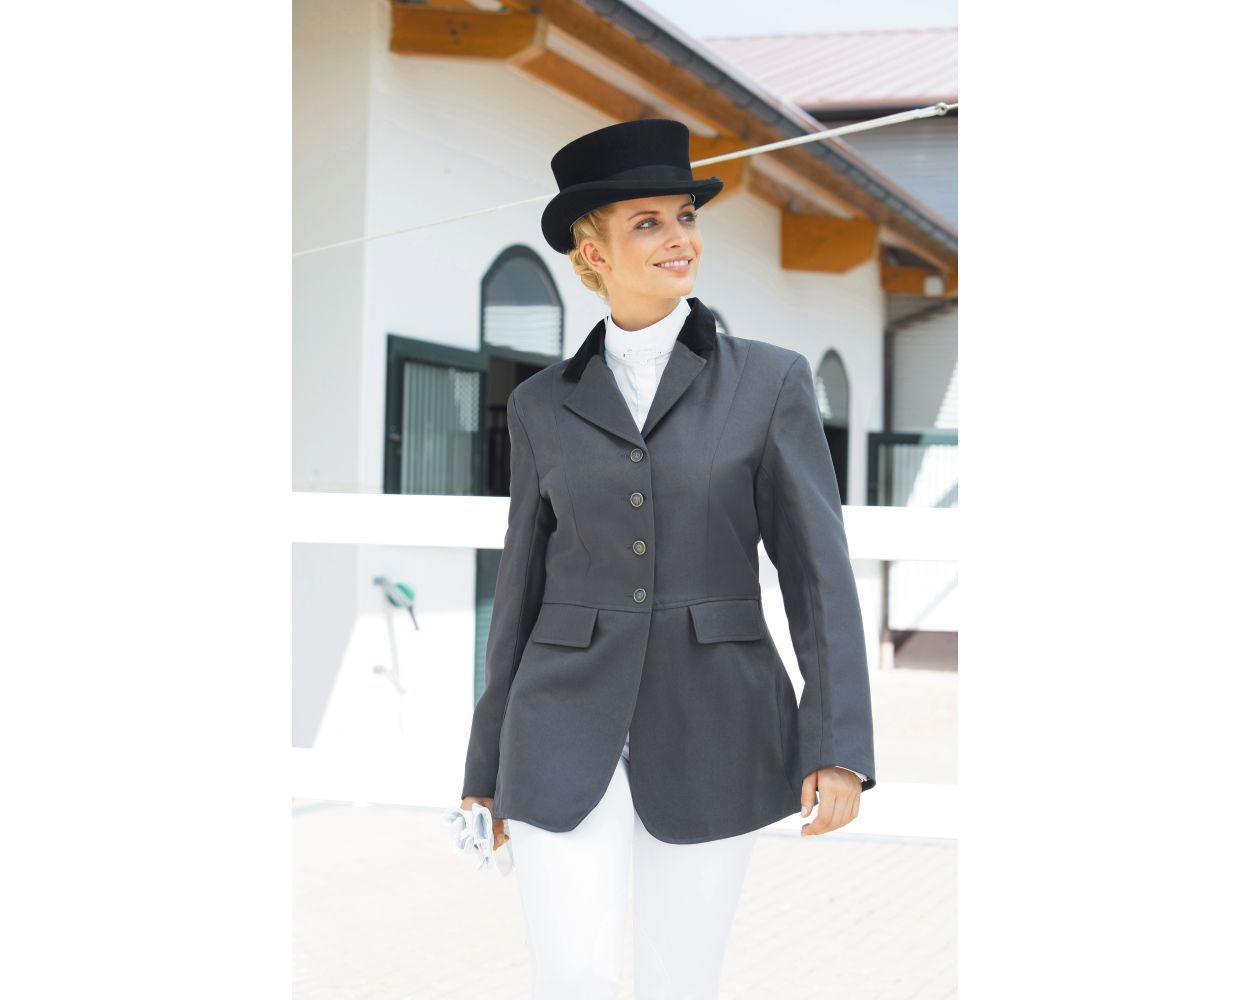 Женский костюм для верховой езды с доставкой